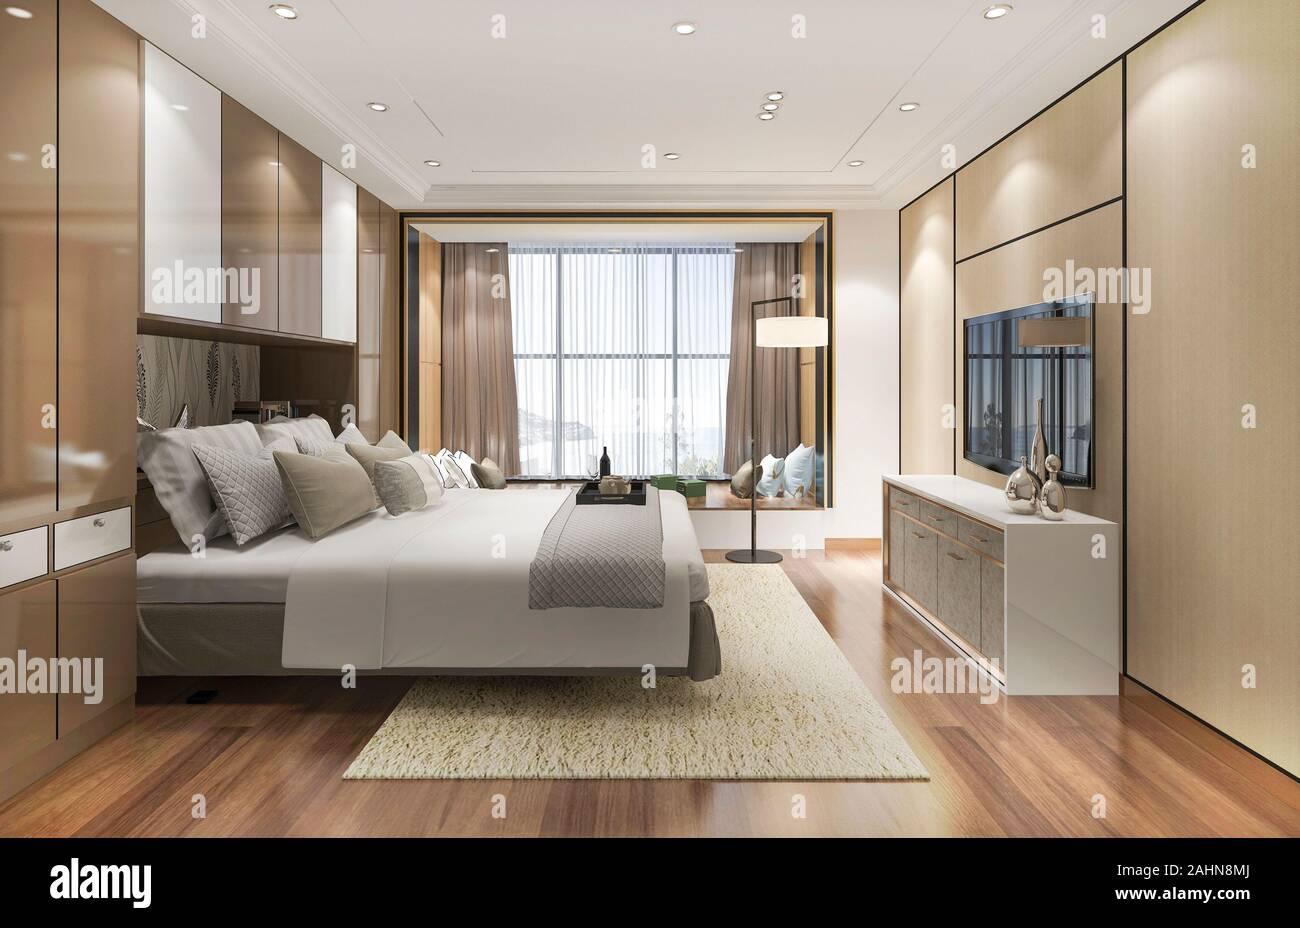 Piante e lampade a sospensione. 3d Rendering Di Lusso Camere Da Letto Moderne Suite In Hotel Foto Stock Alamy